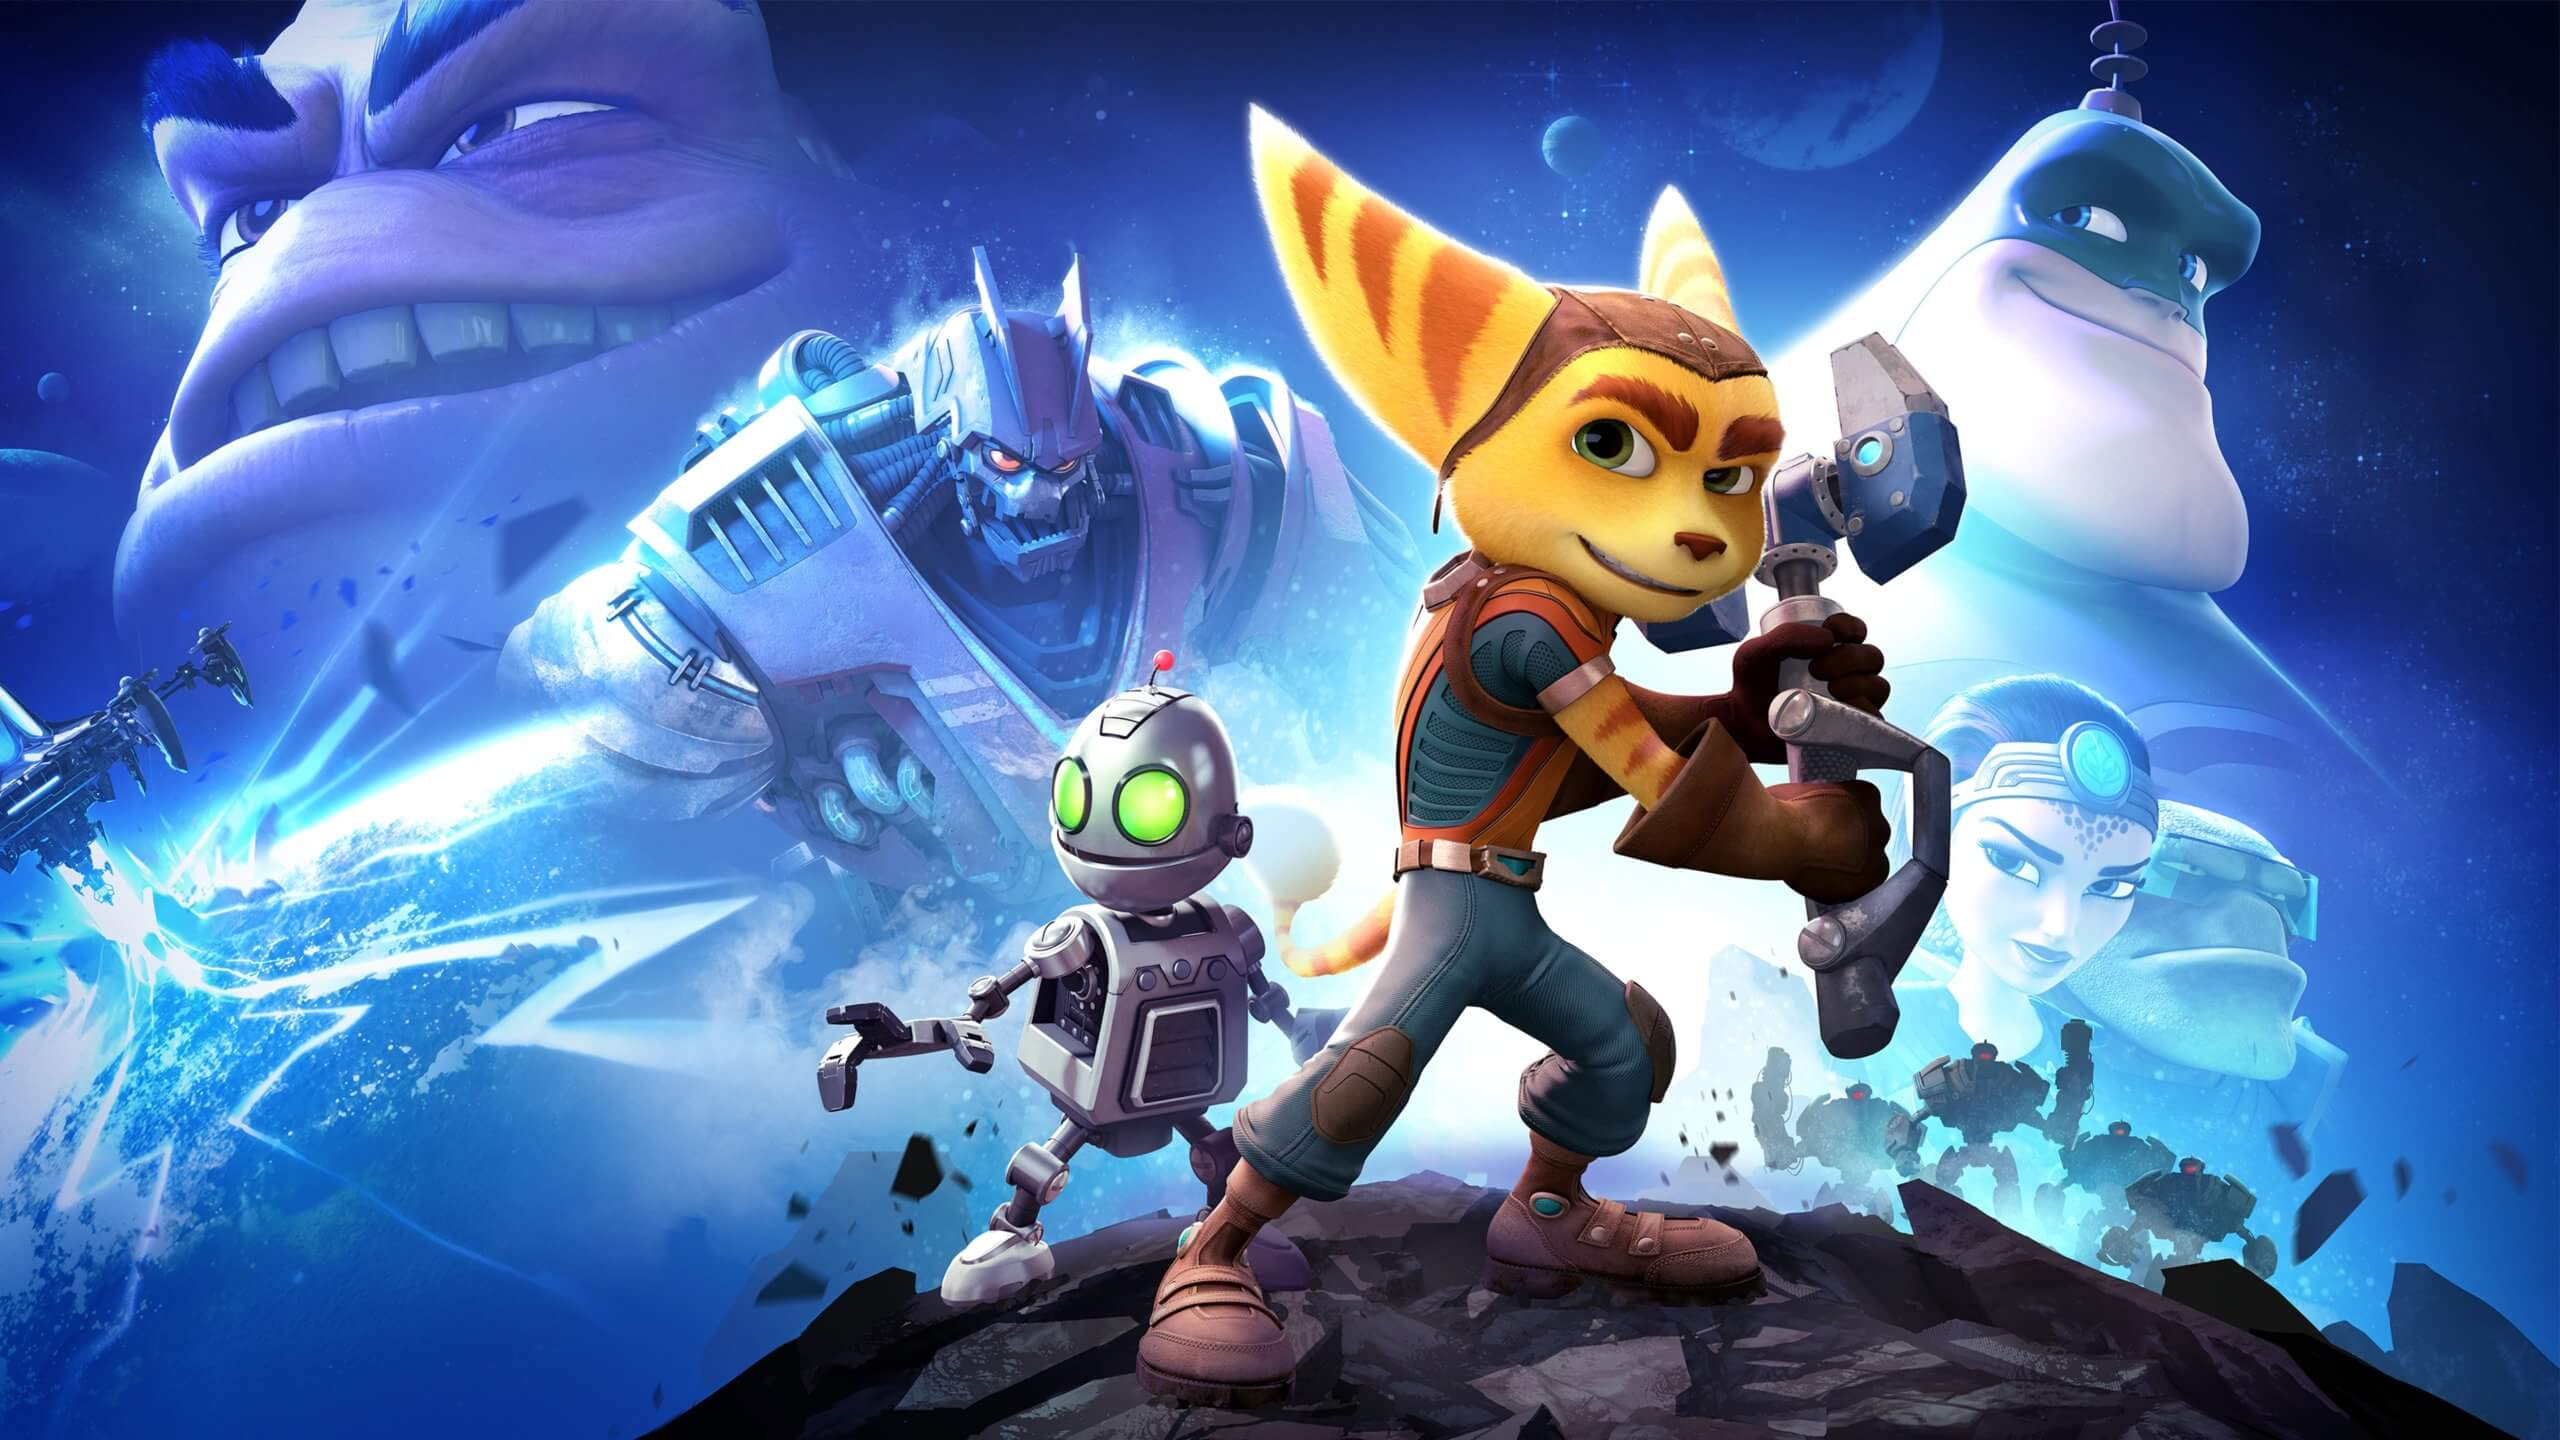 Ratchet & Clank ya está disponible gratuitamente en PS Store, descubre cómo conseguirlo